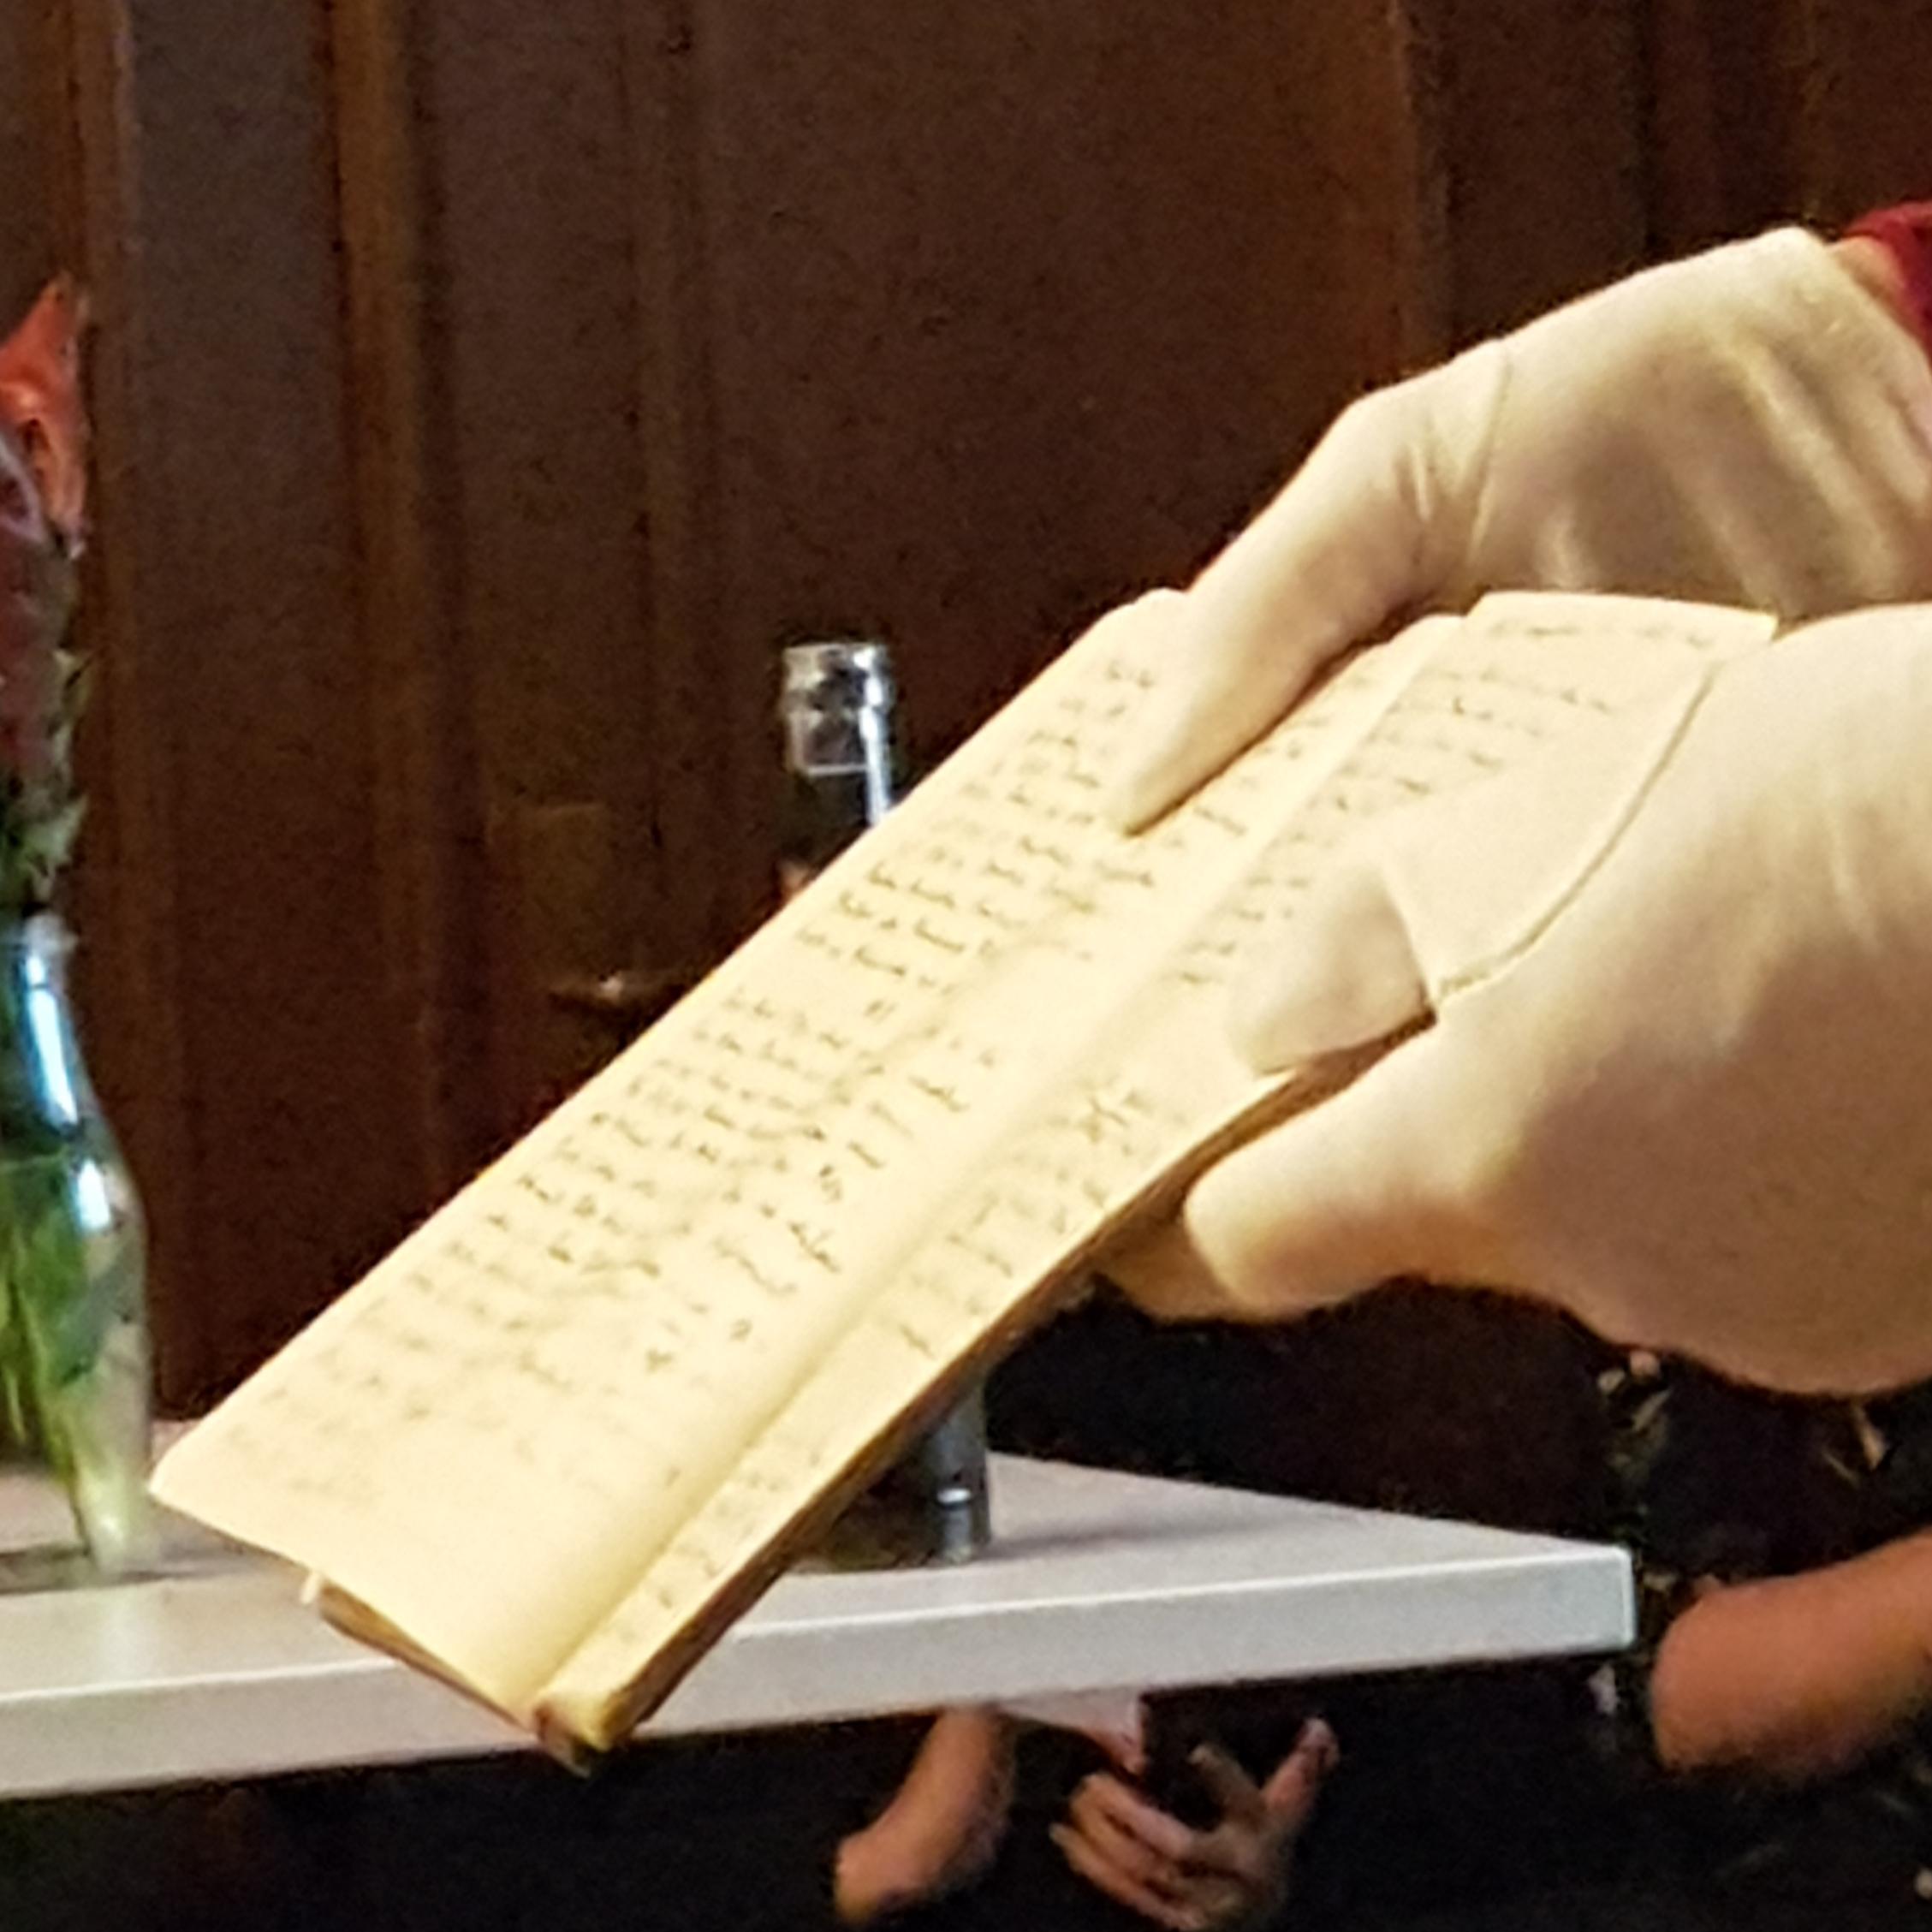 altes Tagebuch in weiss behandschuten Händen